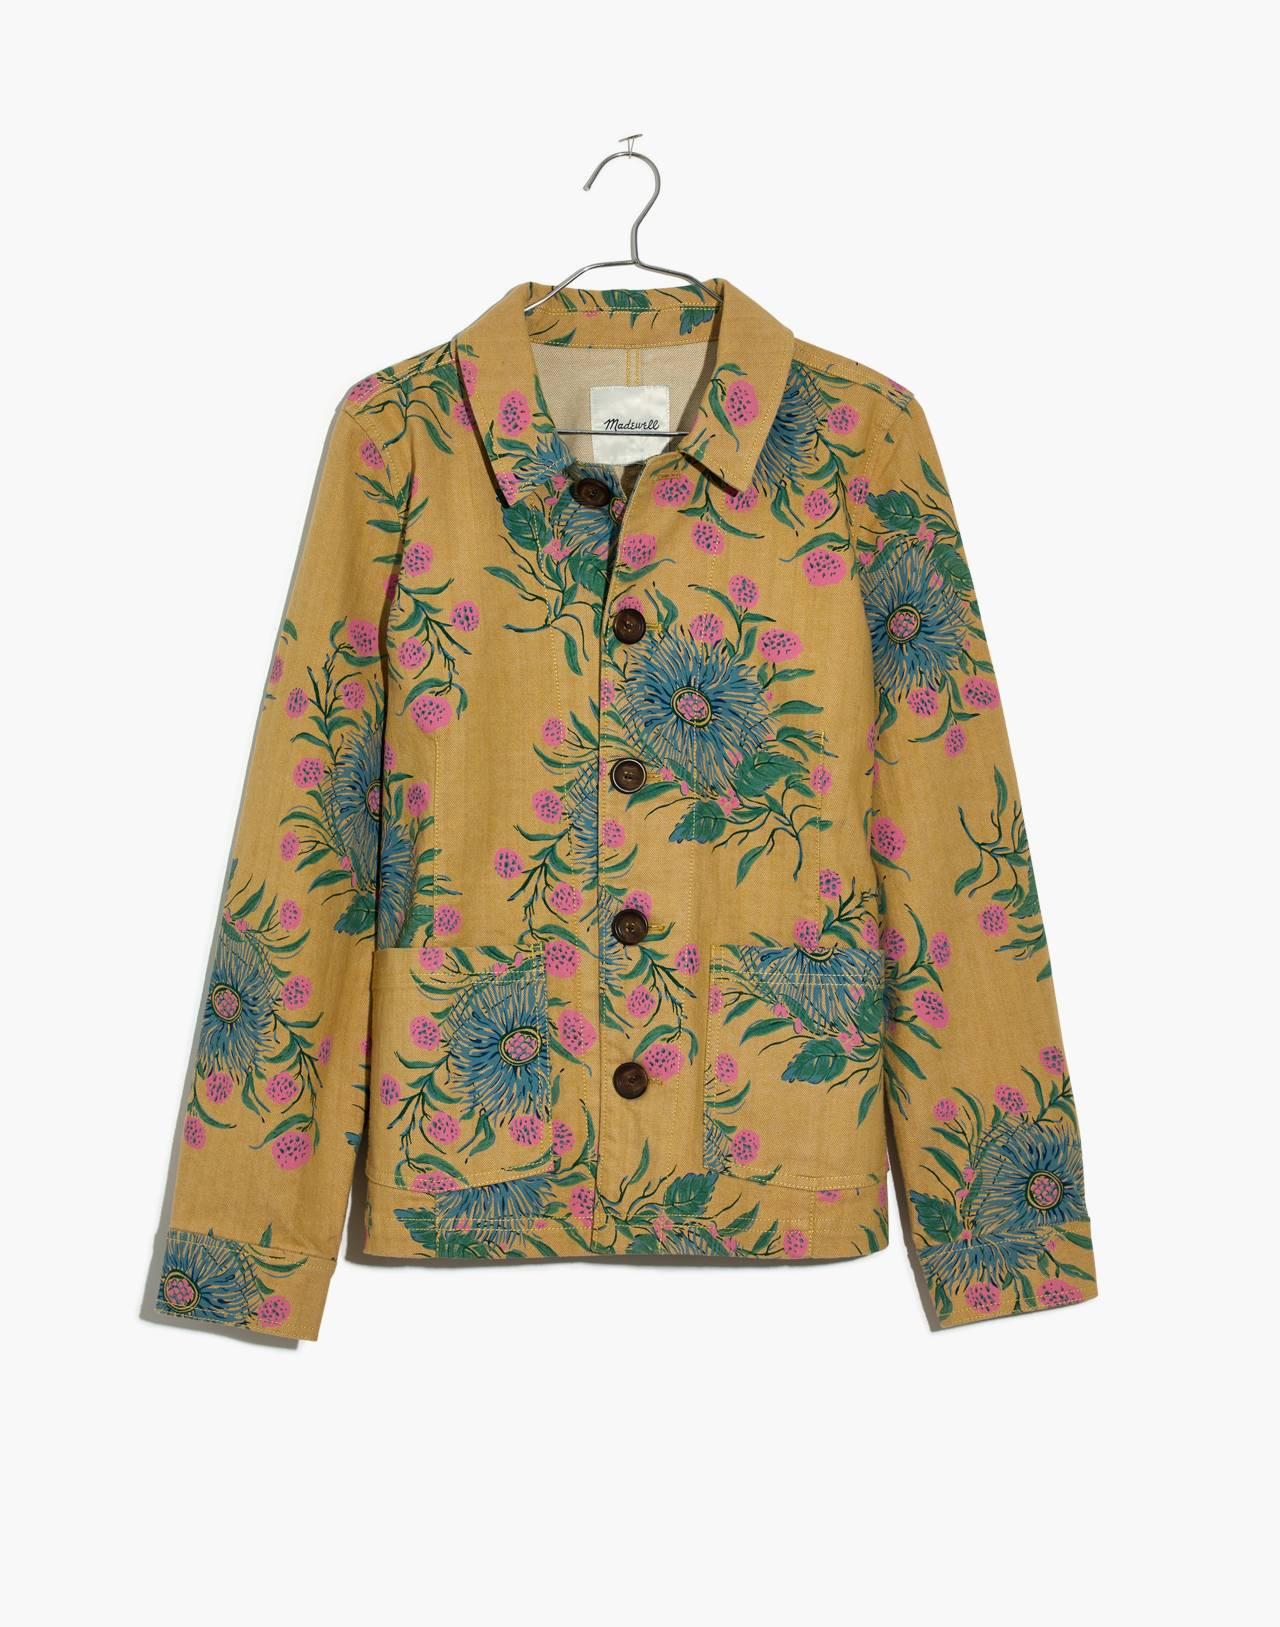 Tailored Workwear Jacket in Painted Blooms in van greek gold image 4